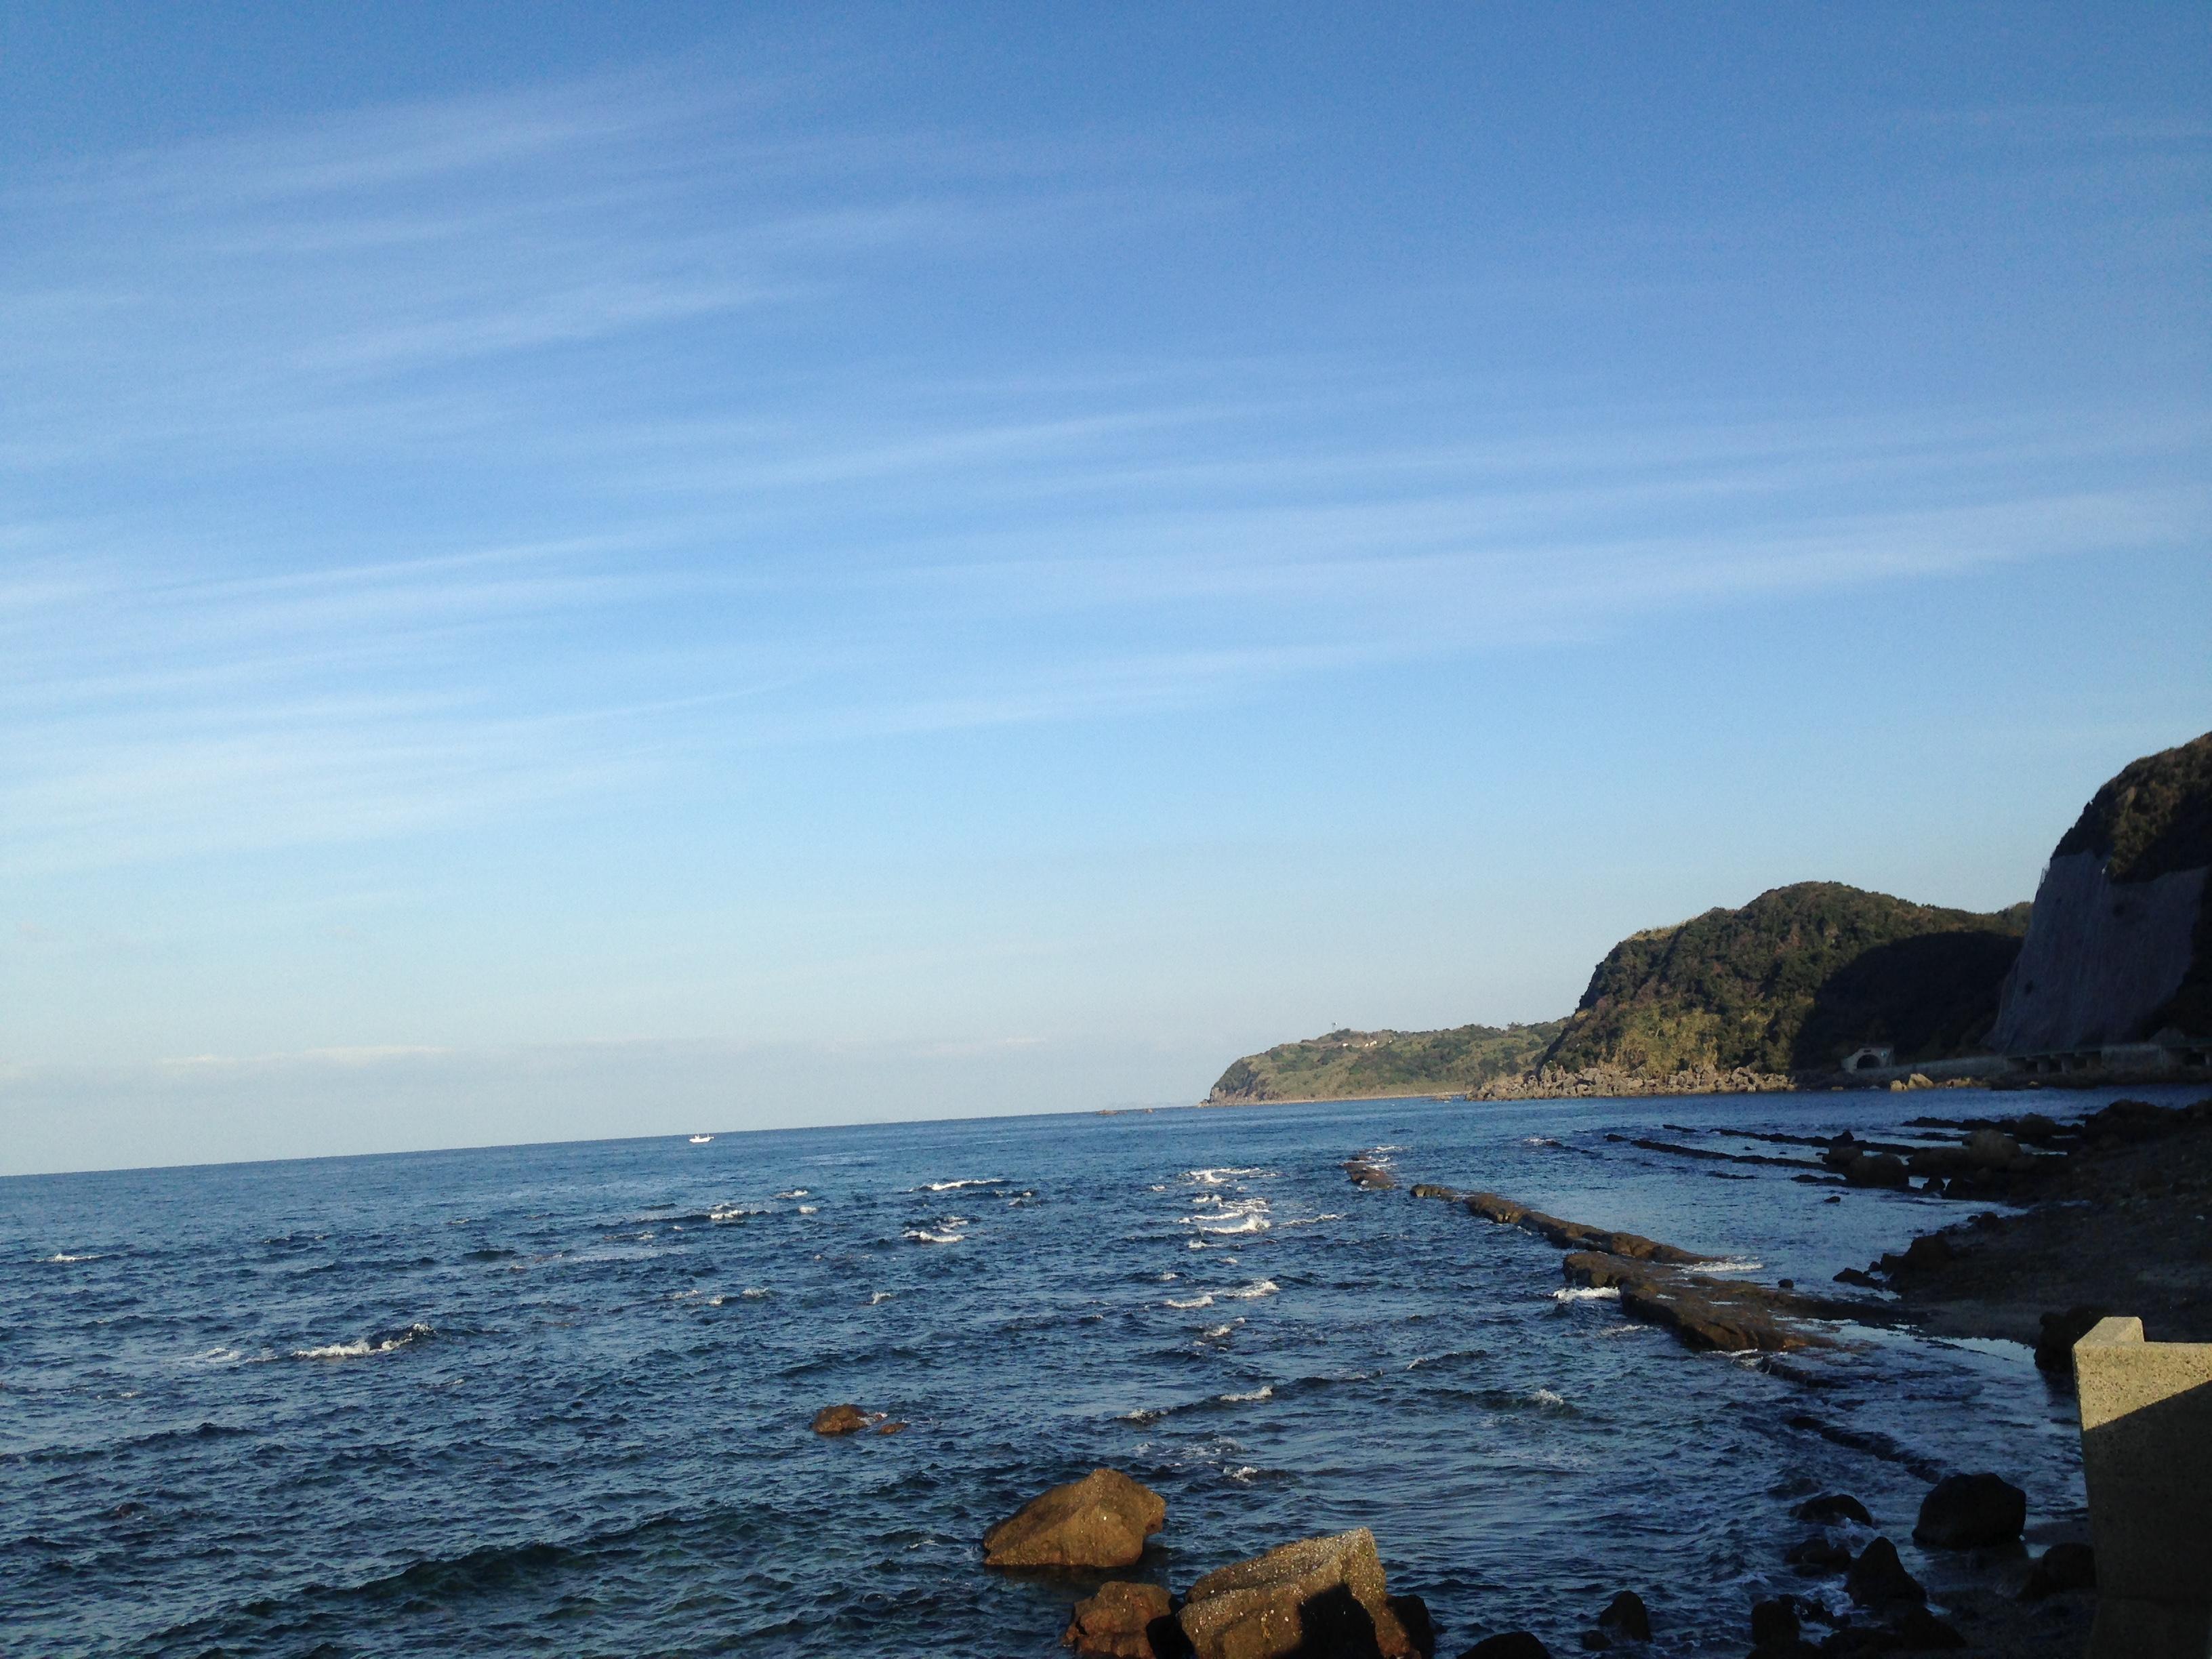 満潮時の畦の岩這